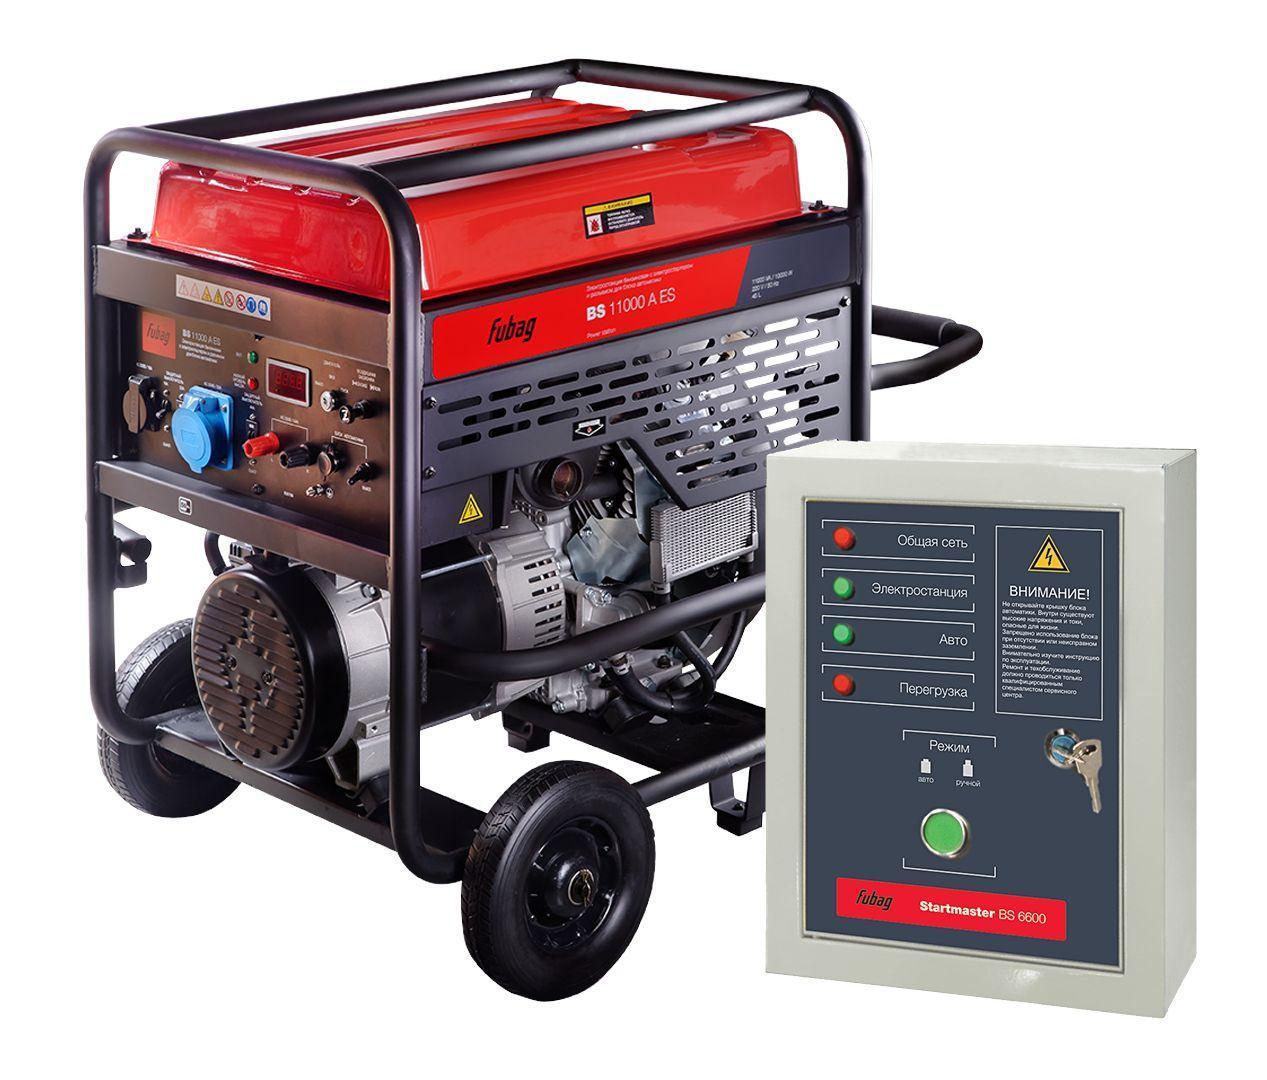 Бензиновый генератор, FUBAG BS 11000 A ES + Блок автоматики Startmaster BS 6600